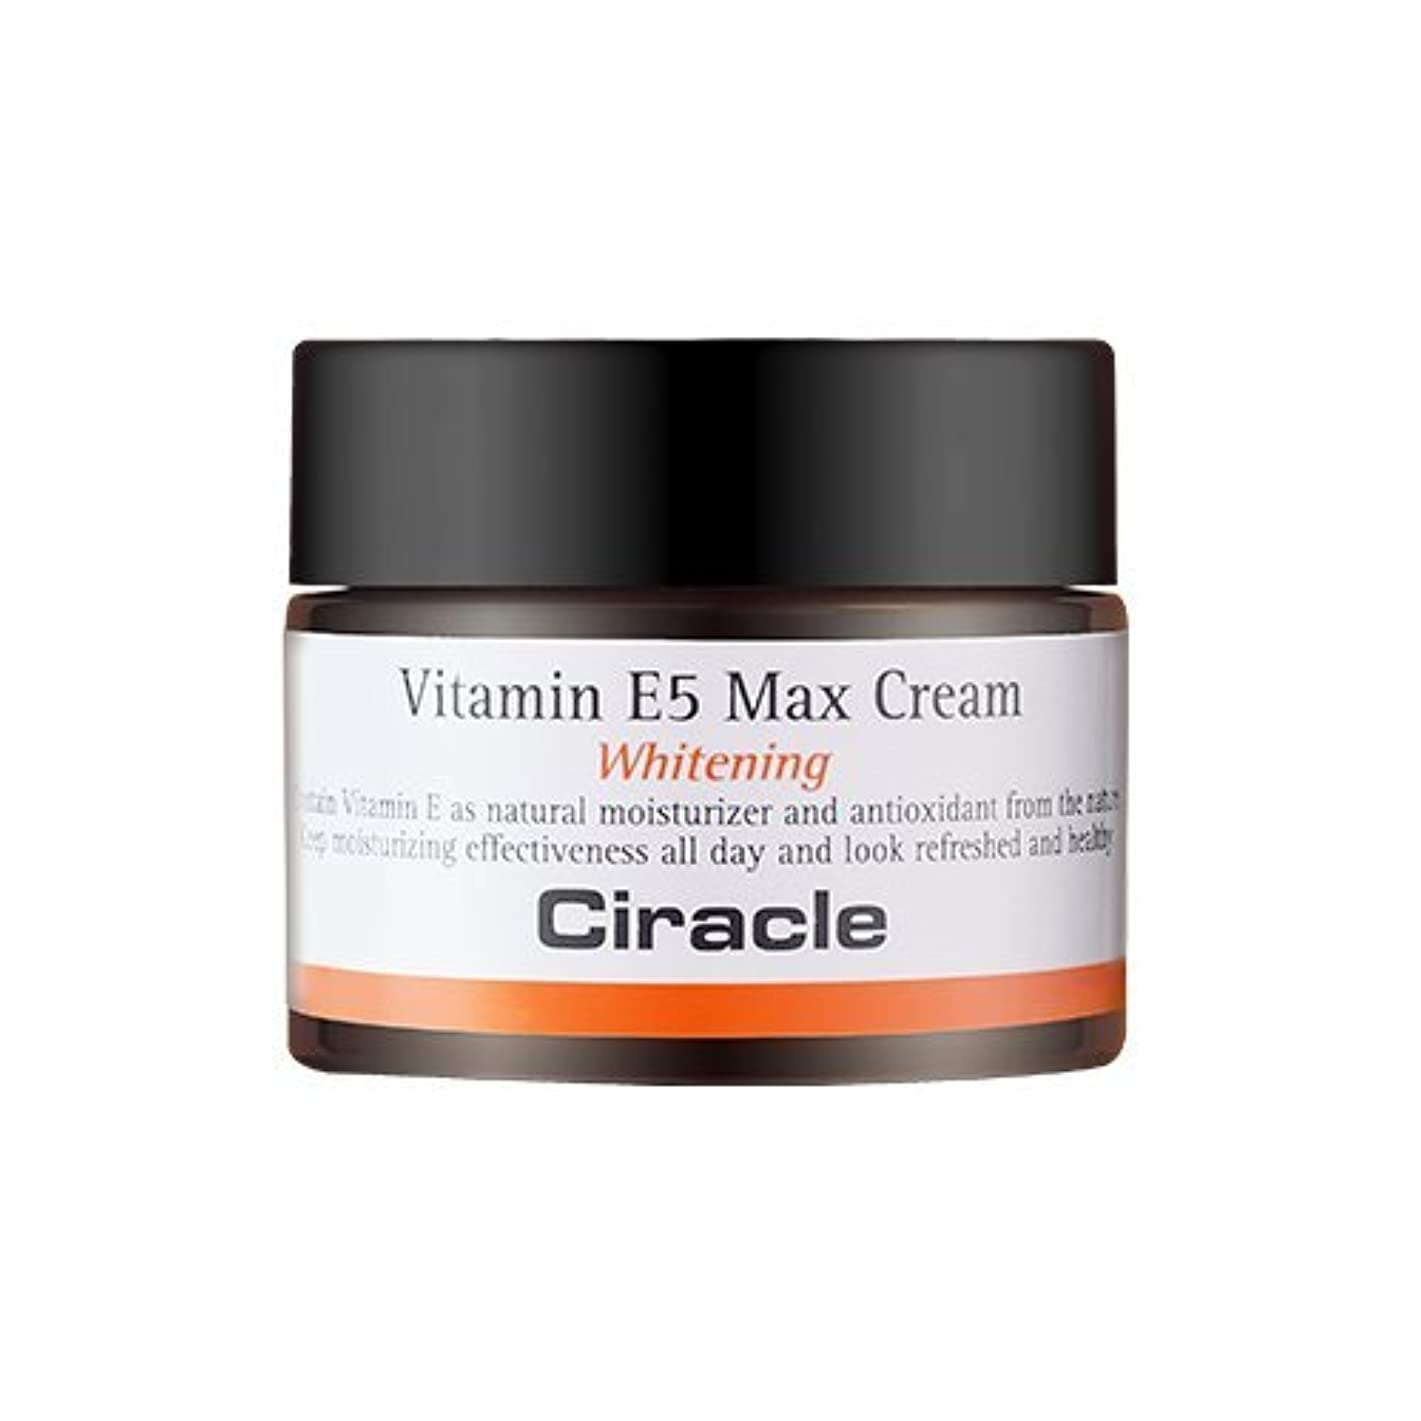 脱獄句アクチュエータCiracle Vitamin E5 Max Cream シラクル ビタミンE5 マックス クリーム 50ml [並行輸入品]